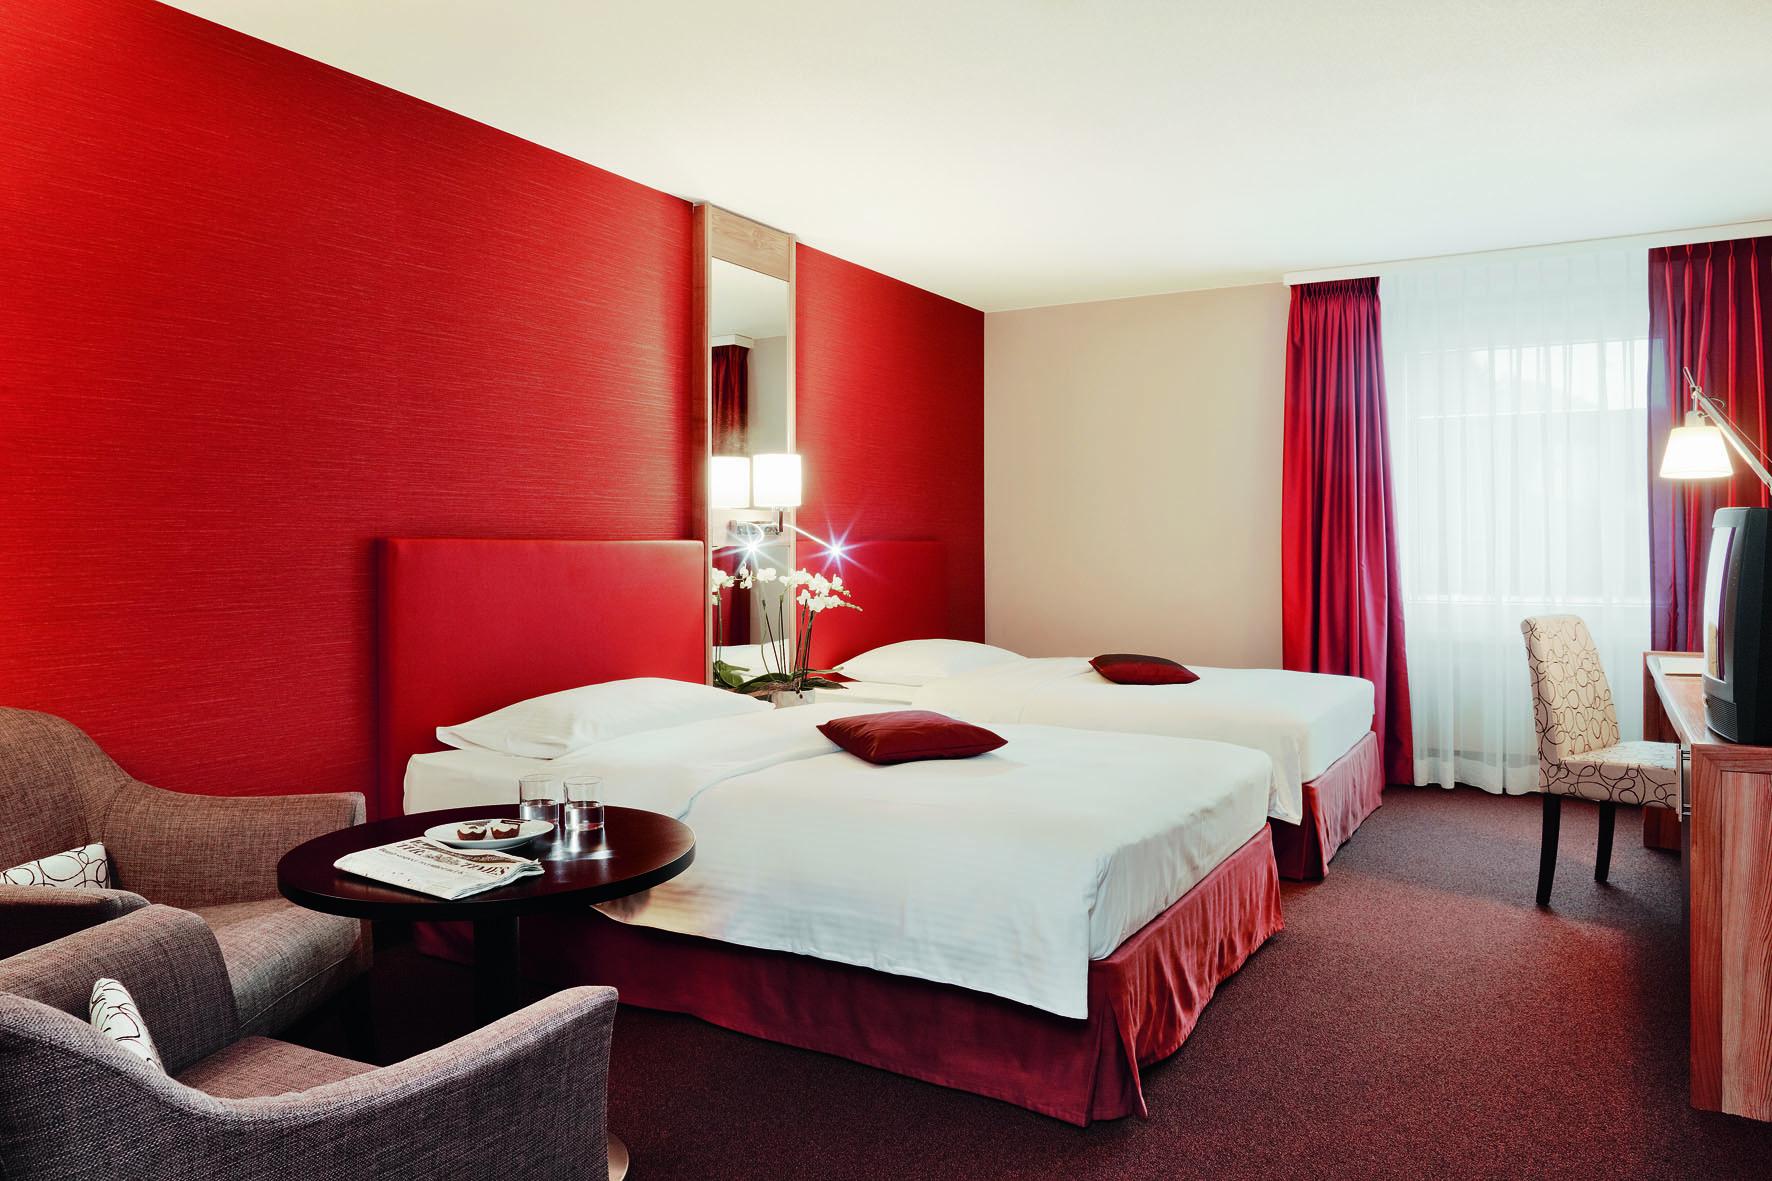 swisshoteldatach  Umfassendes Schweizer Hotelverzeichnis